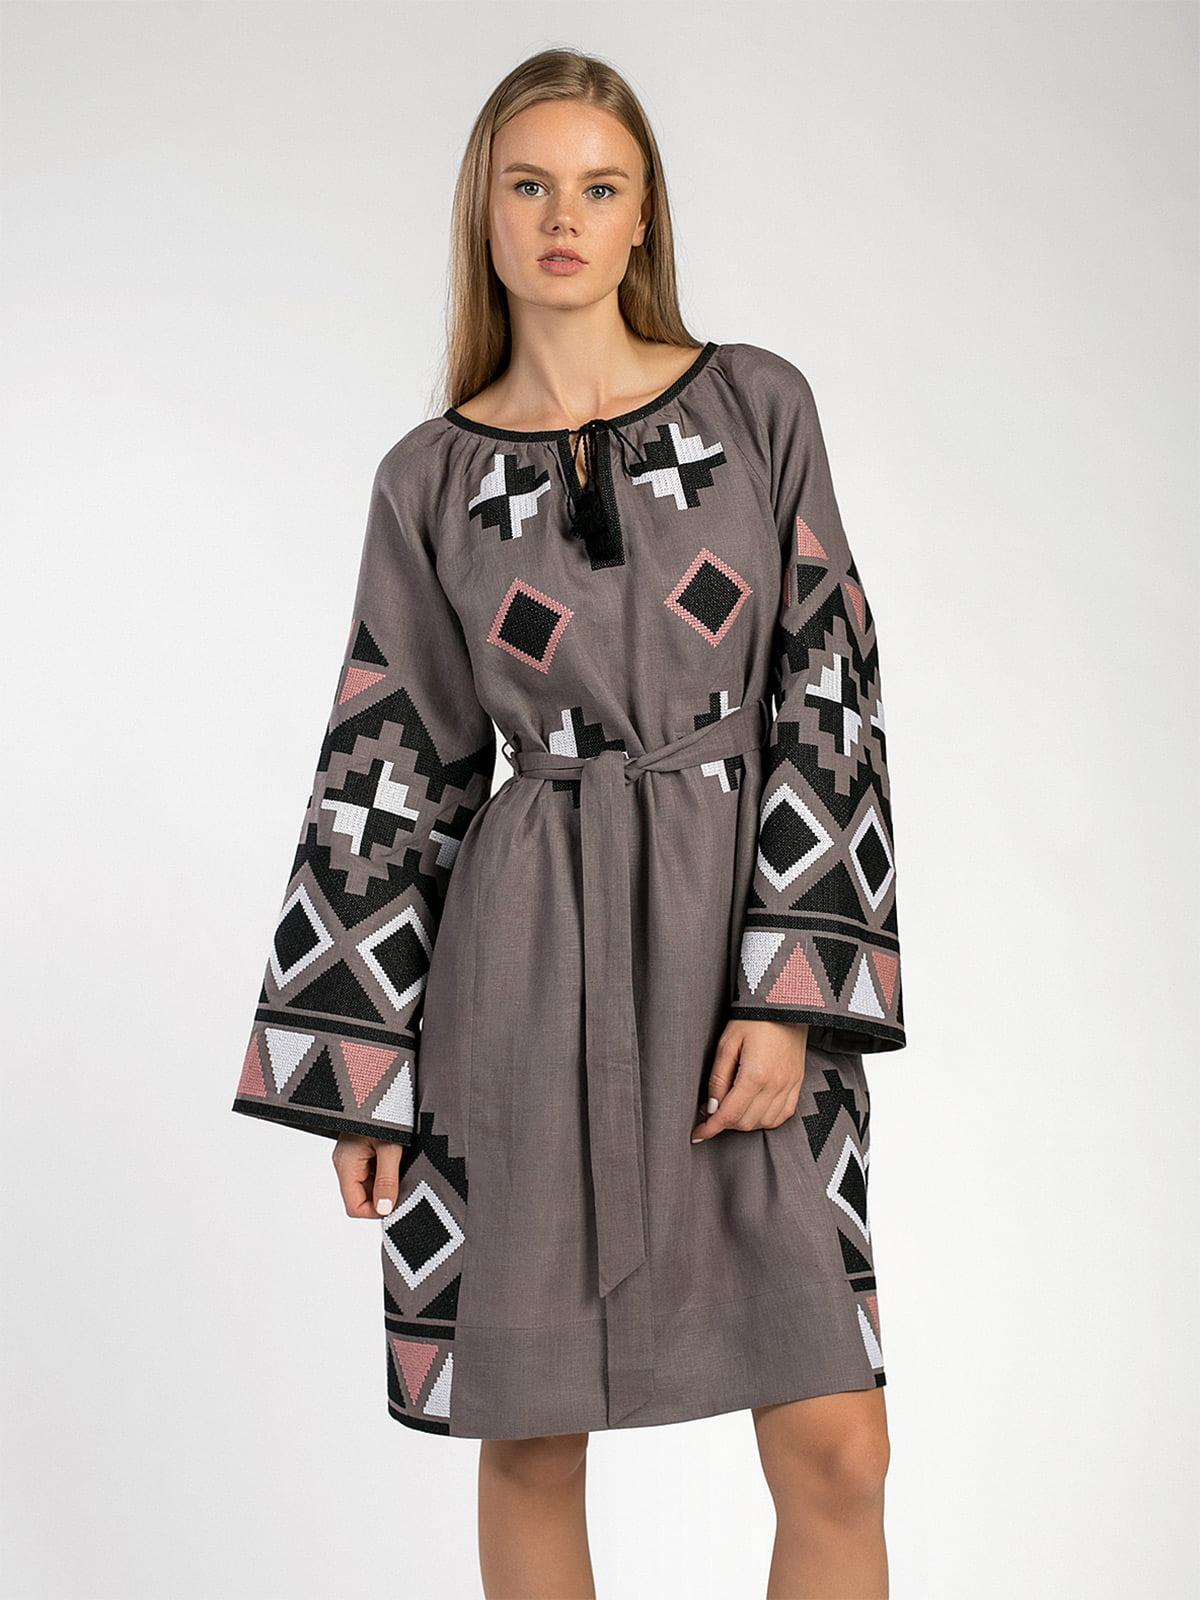 c358d2077fa ... Графитовое платье свободного кроя с массивной вышивкой ETHNO8 ...